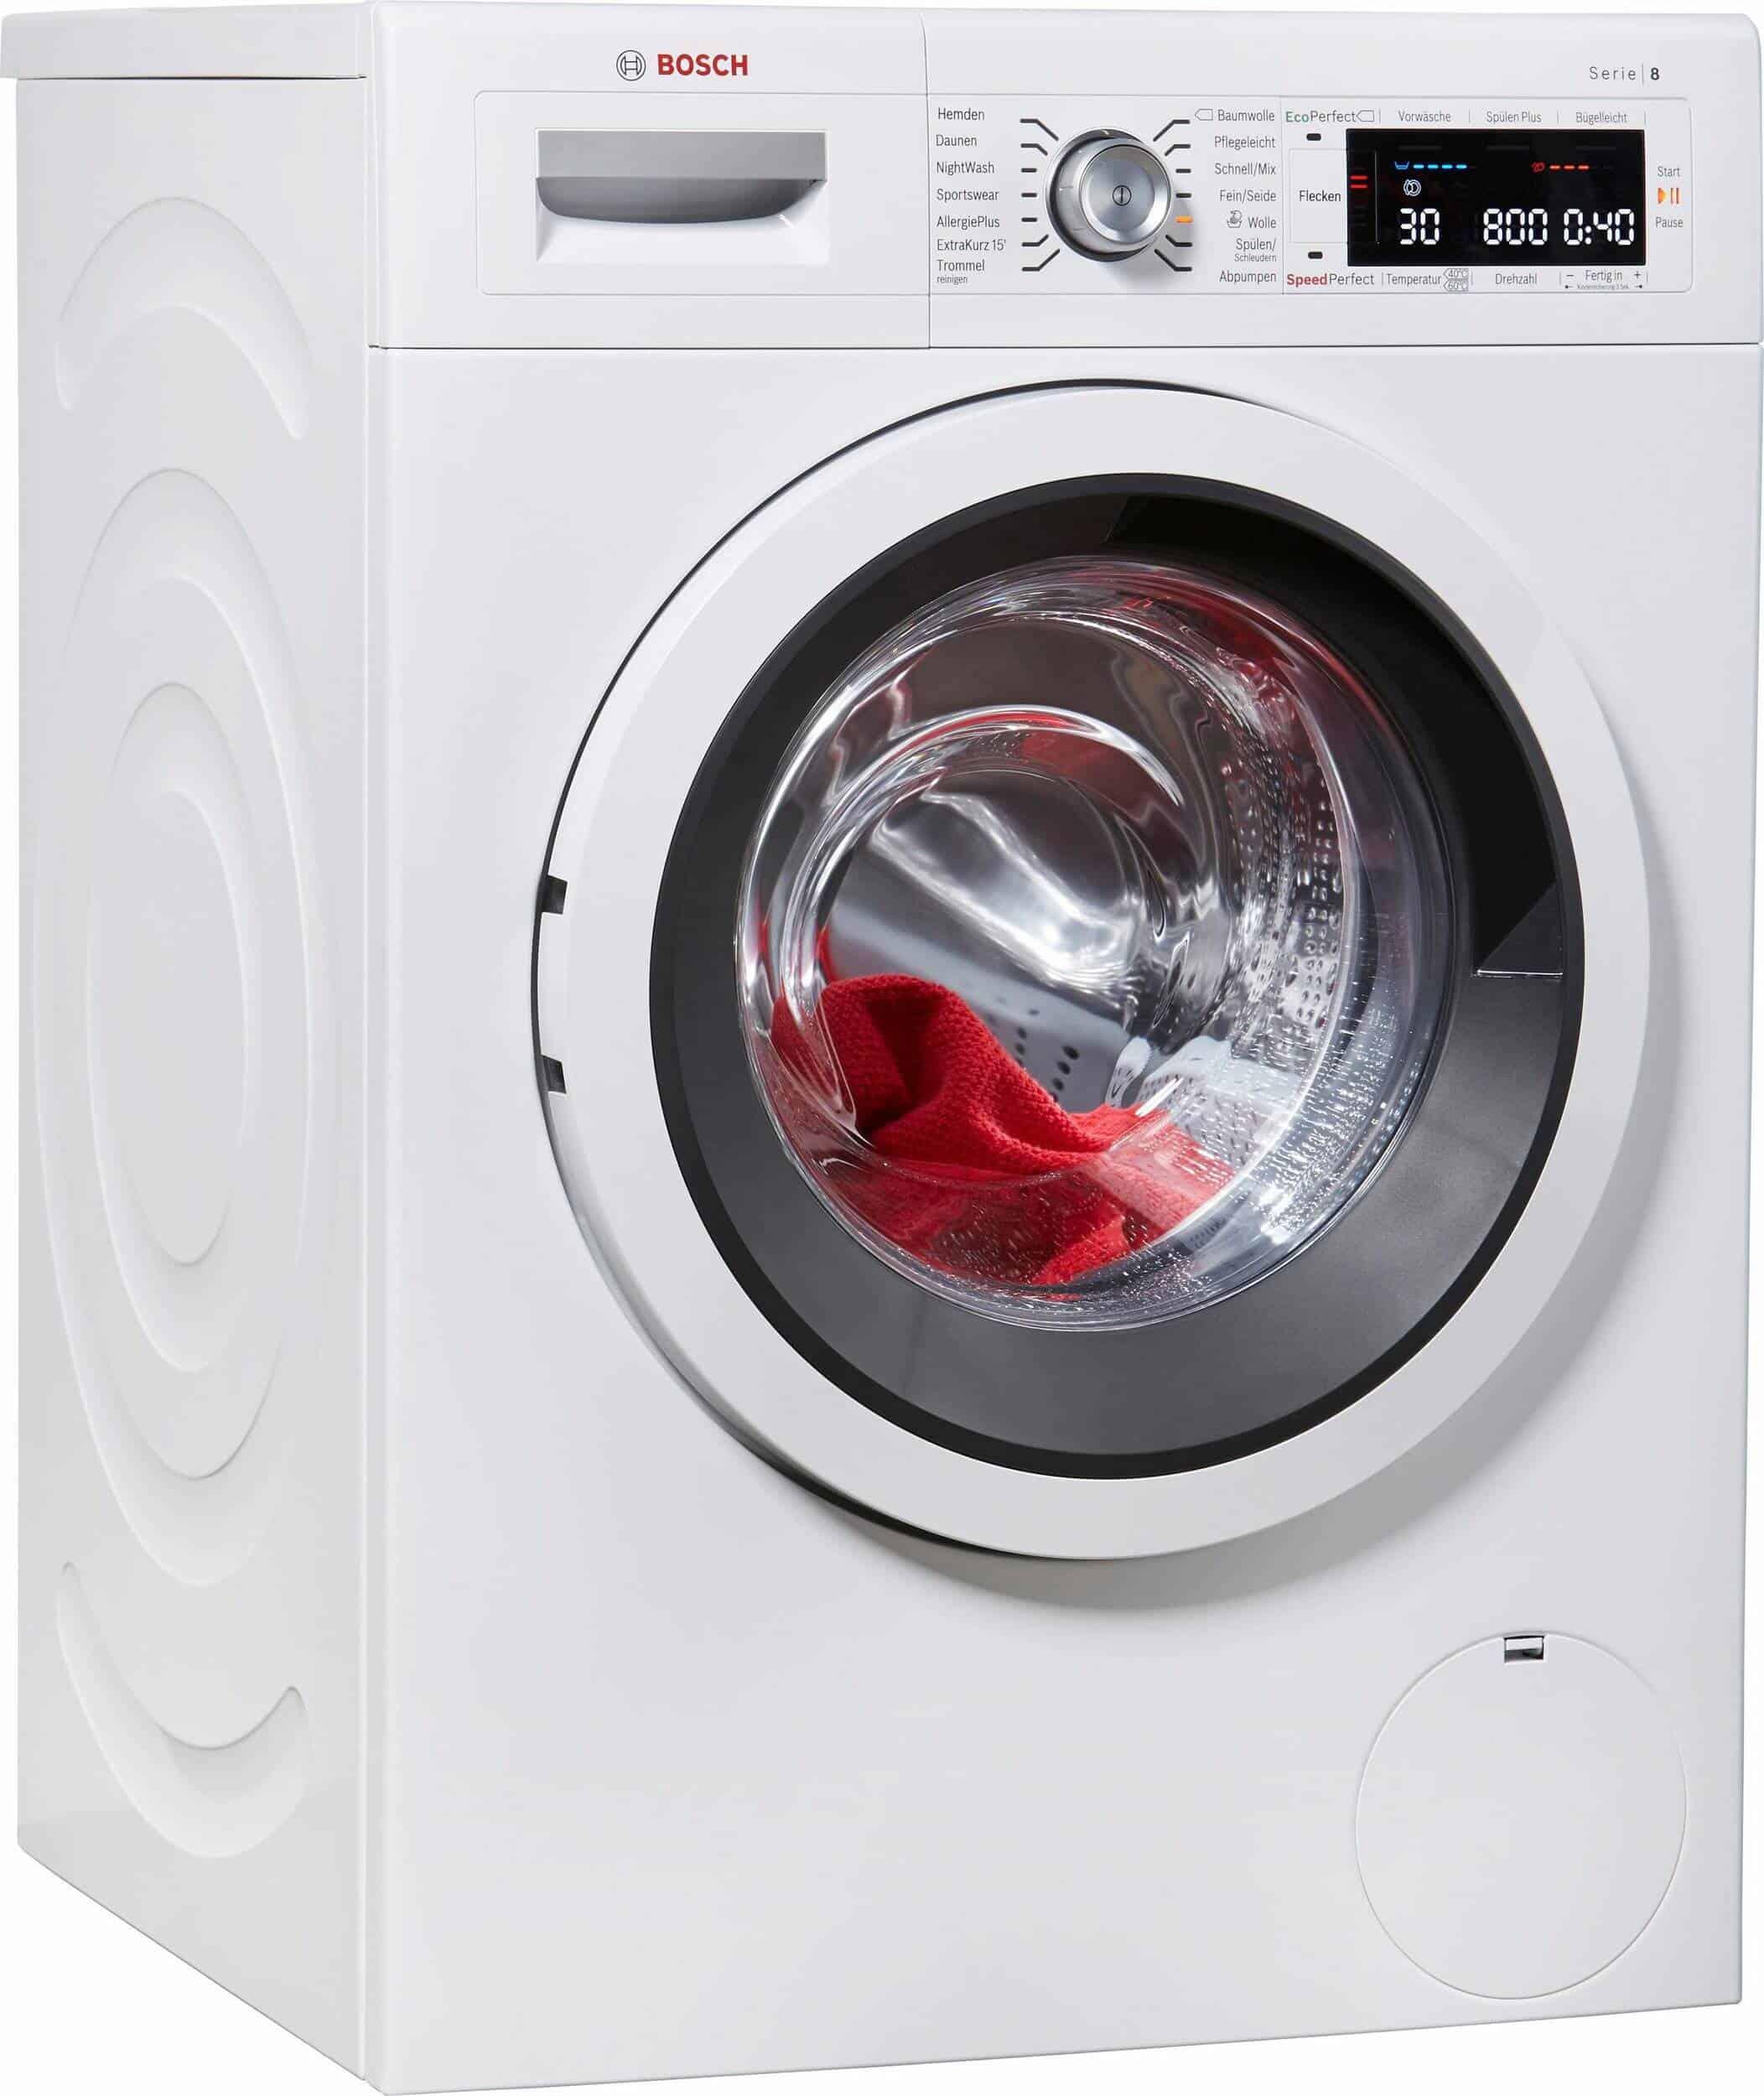 Bosch Waw285v0 Waschmaschine Im Test 022019